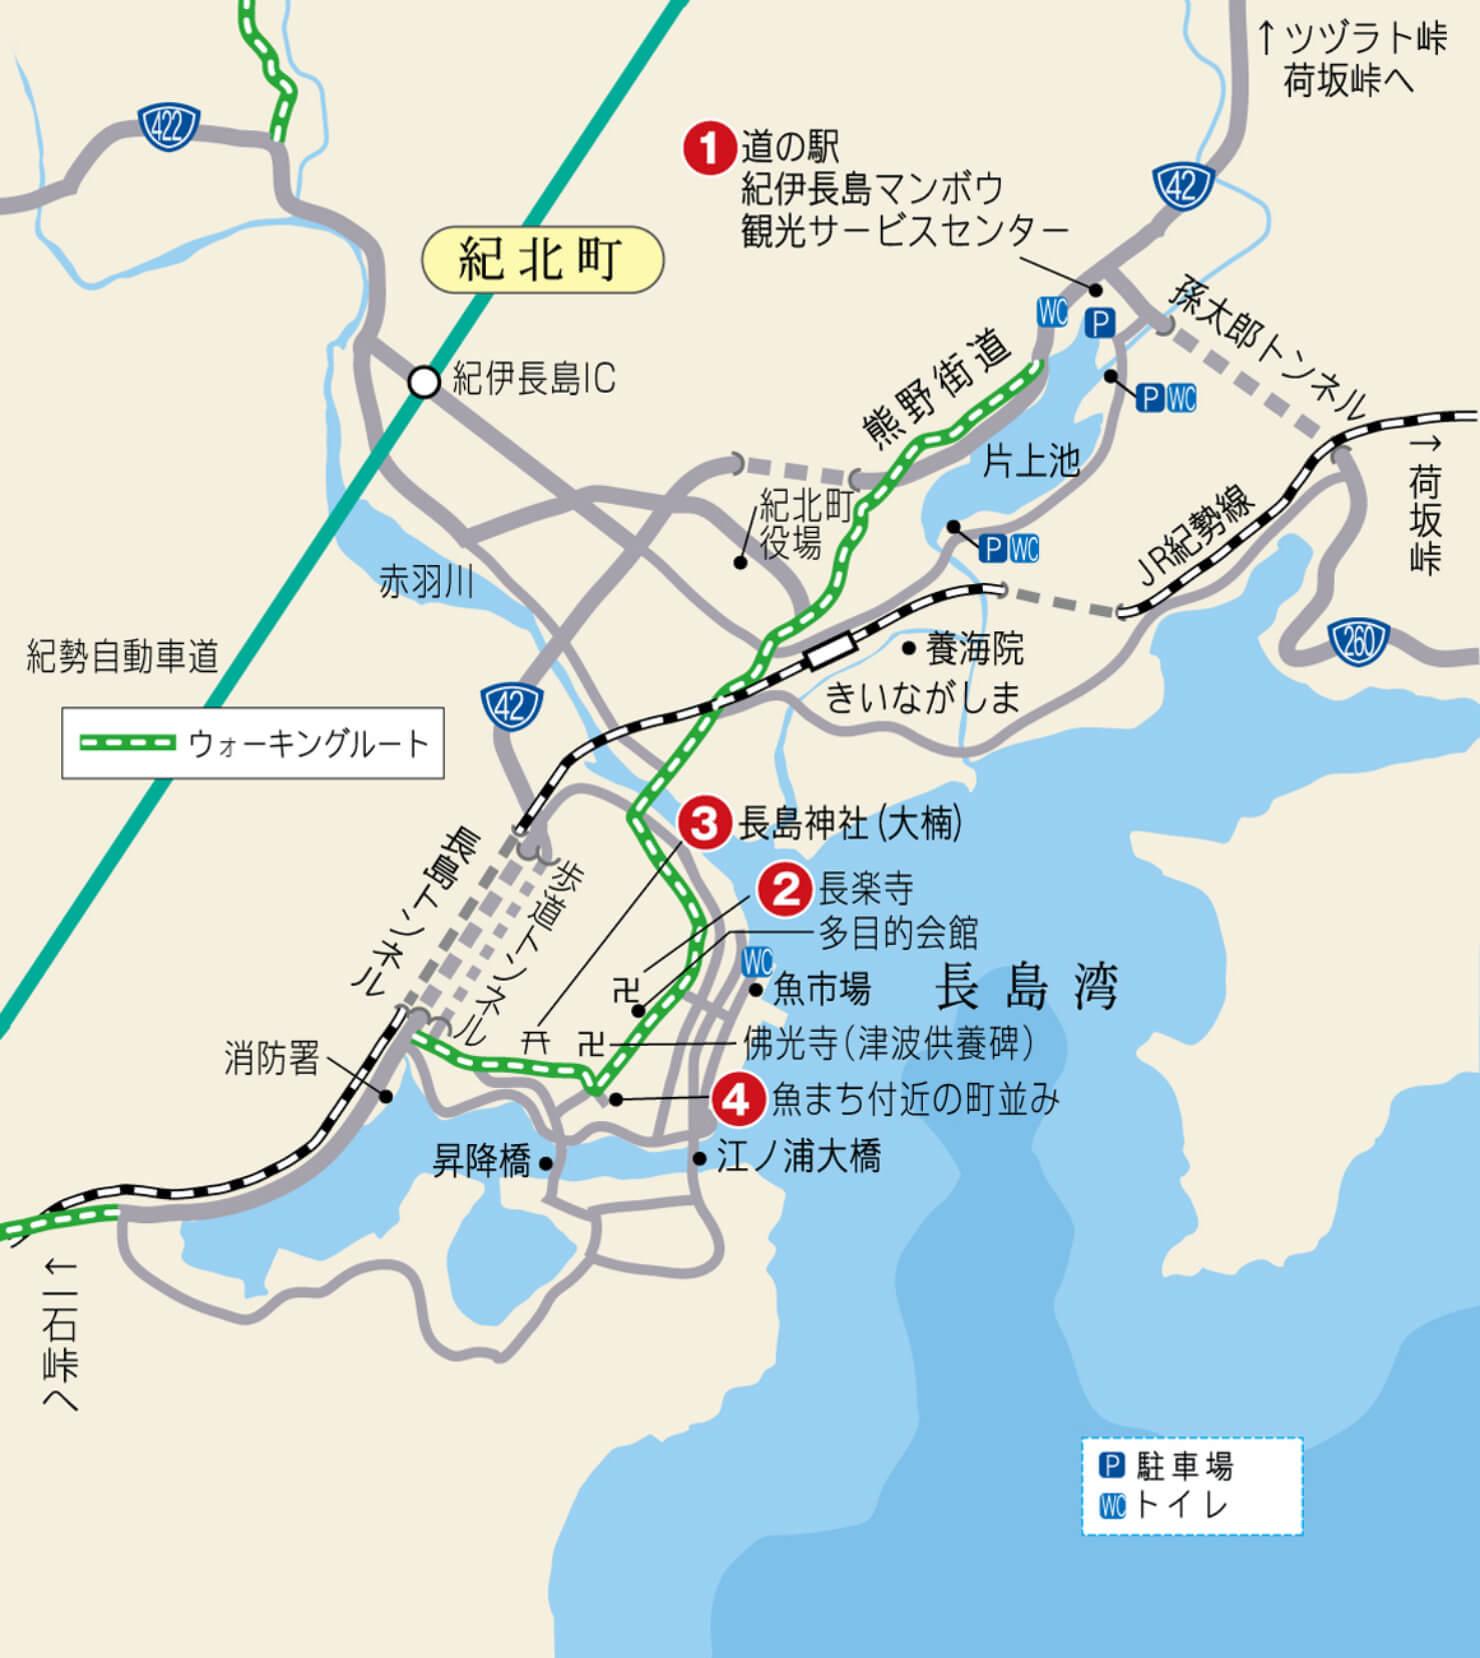 紀伊長島市街地図